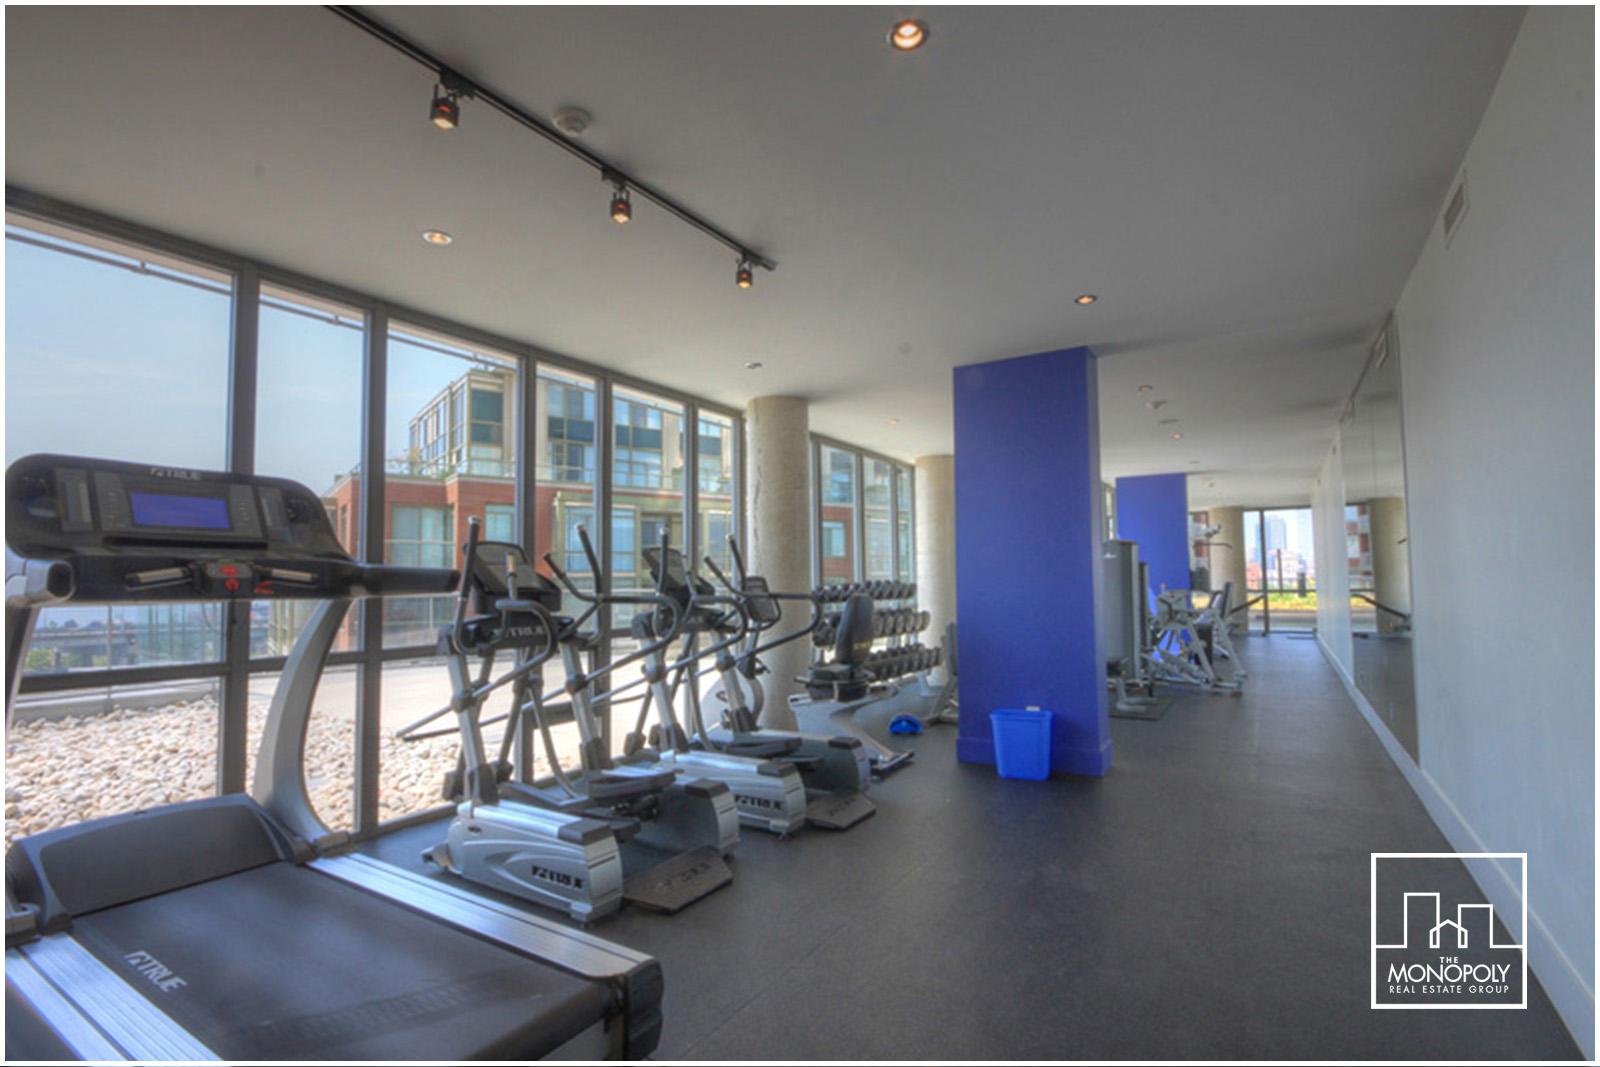 16 - Gym.jpg